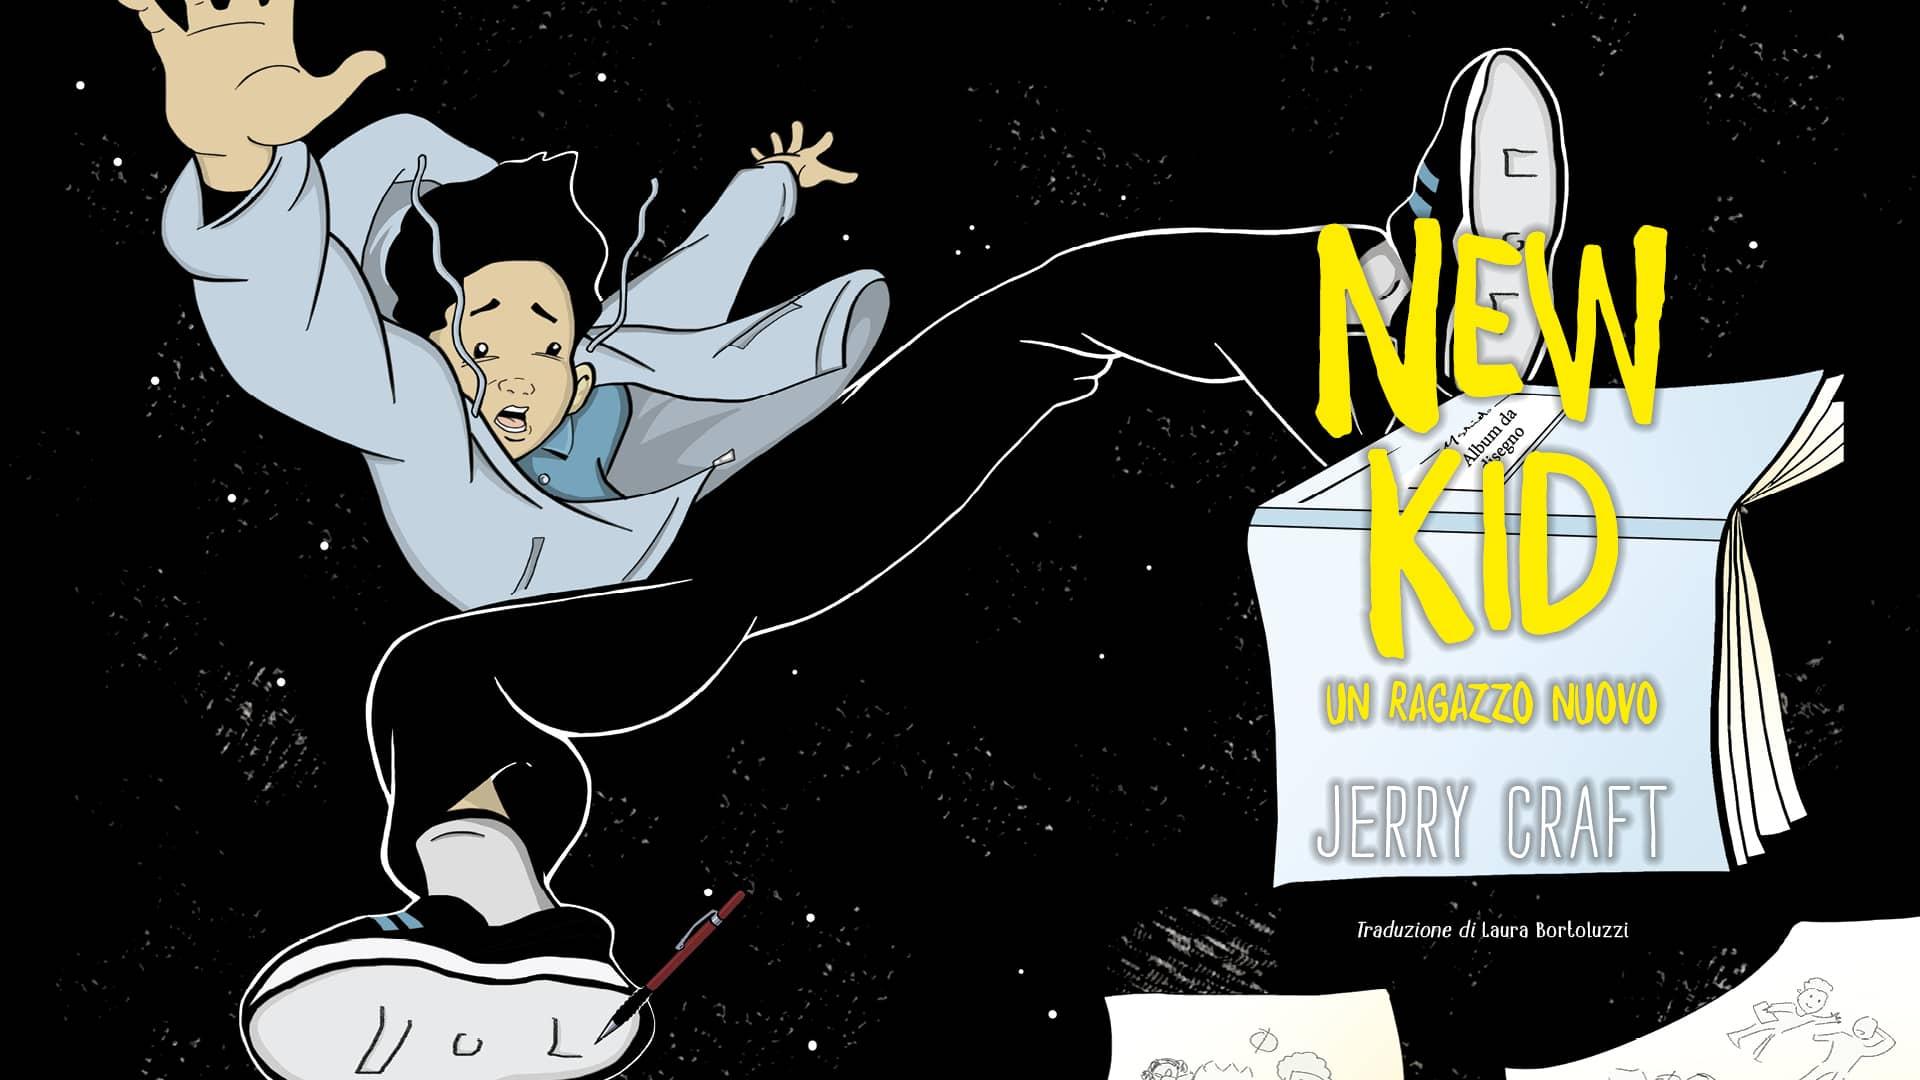 New Kid. L'avventura di iniziare una nuova scuola. Scuola d'arte. Neri integrazione graphic novel